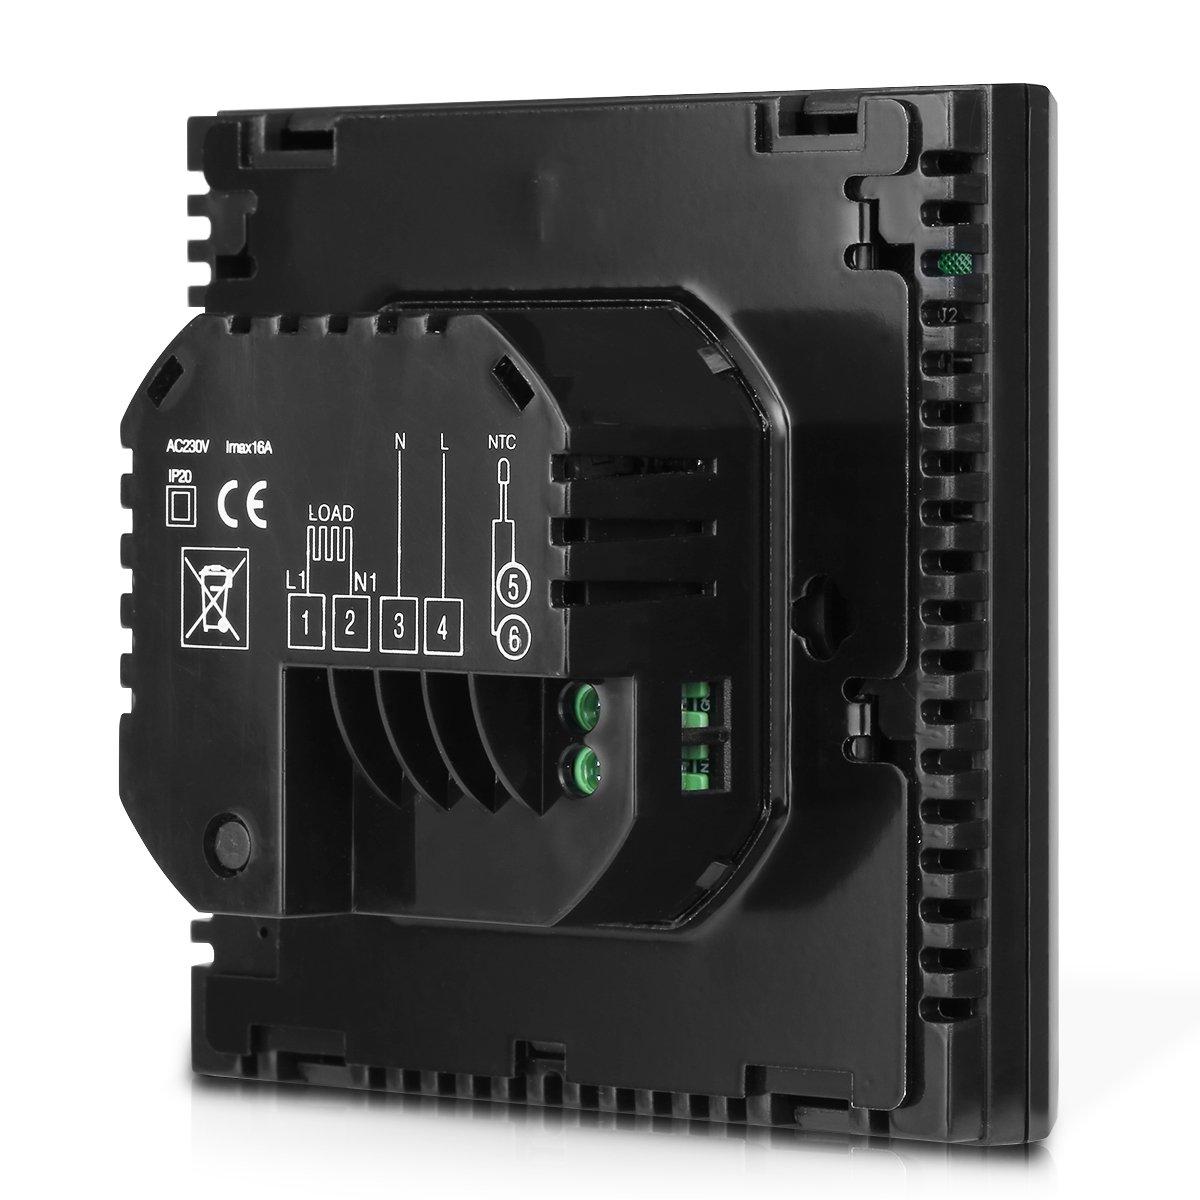 FLOUREON Termostato de Calefacción Eléctrica con Wi-Fi Programable Semanal para Regulación de Temperatura, Pantalla Digital y Táctil, Color Negro